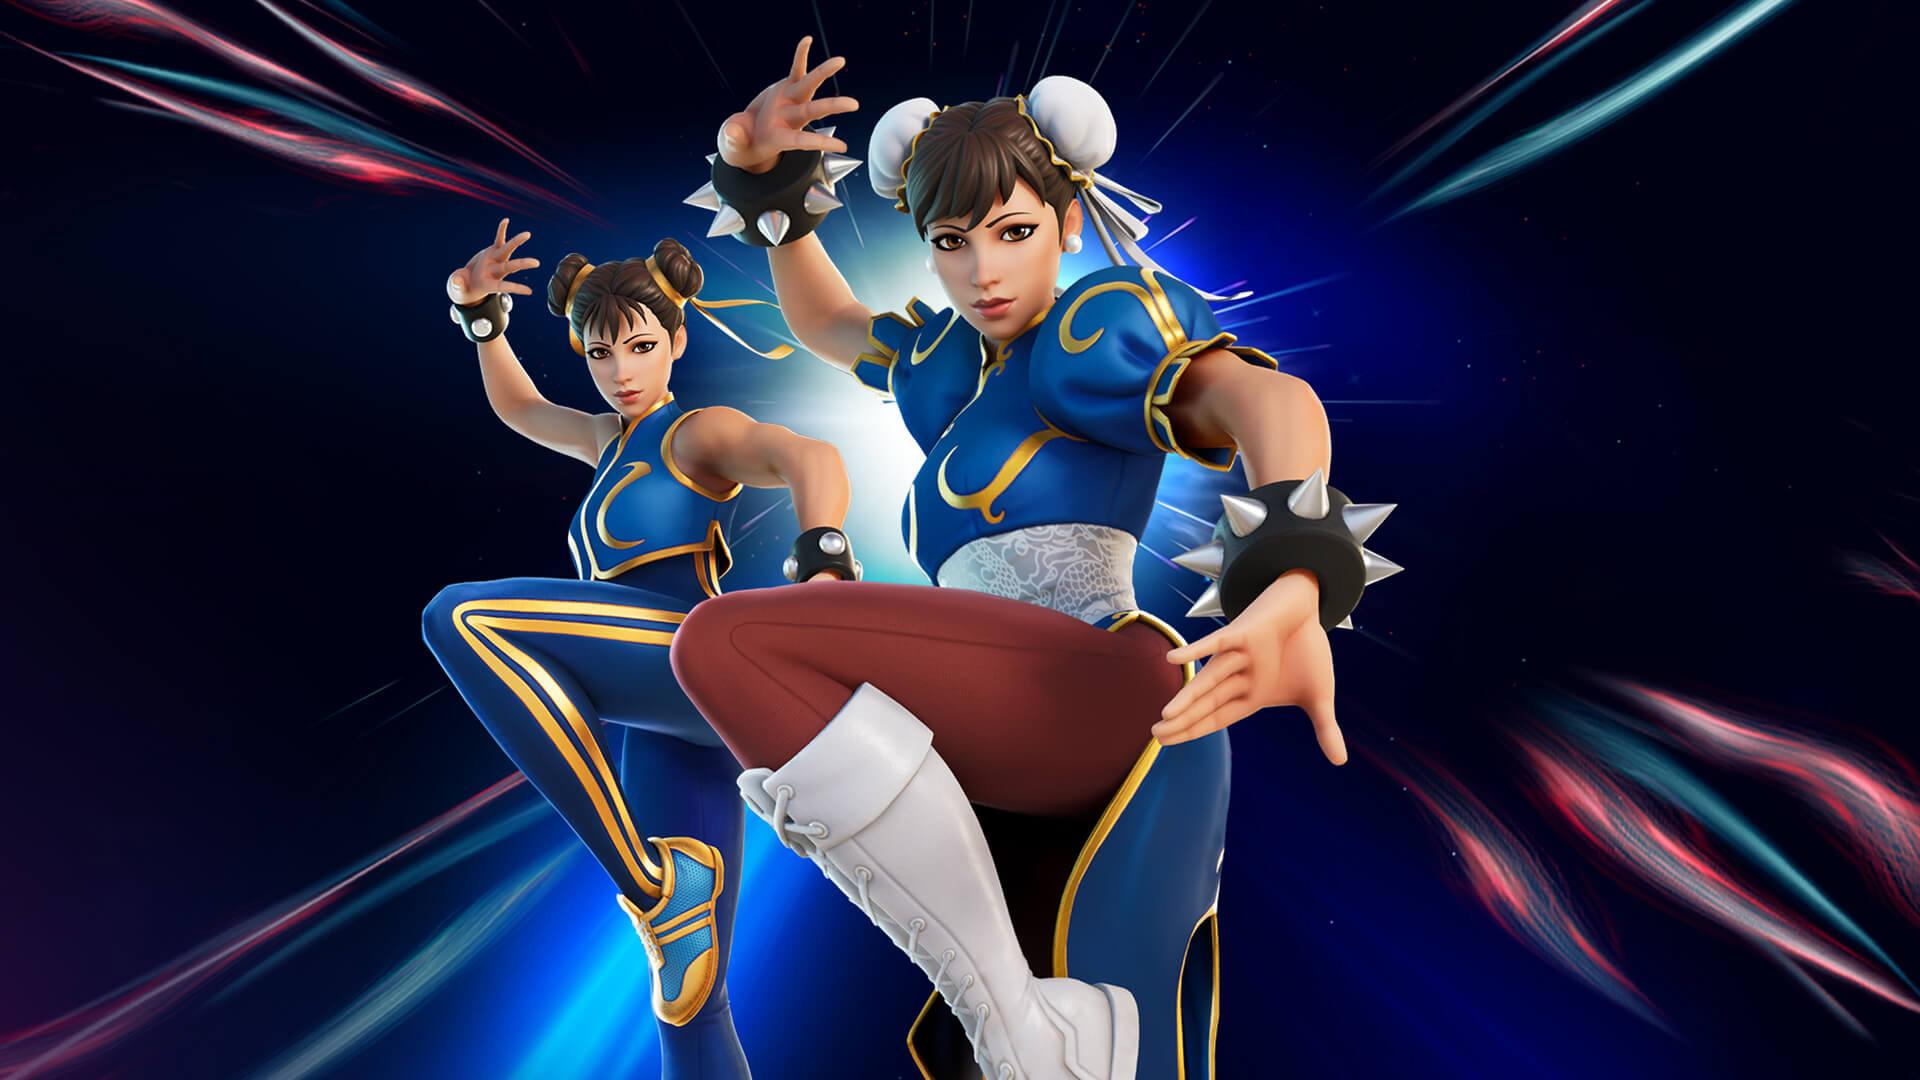 Street Fighter x Fortnite Chun-Li